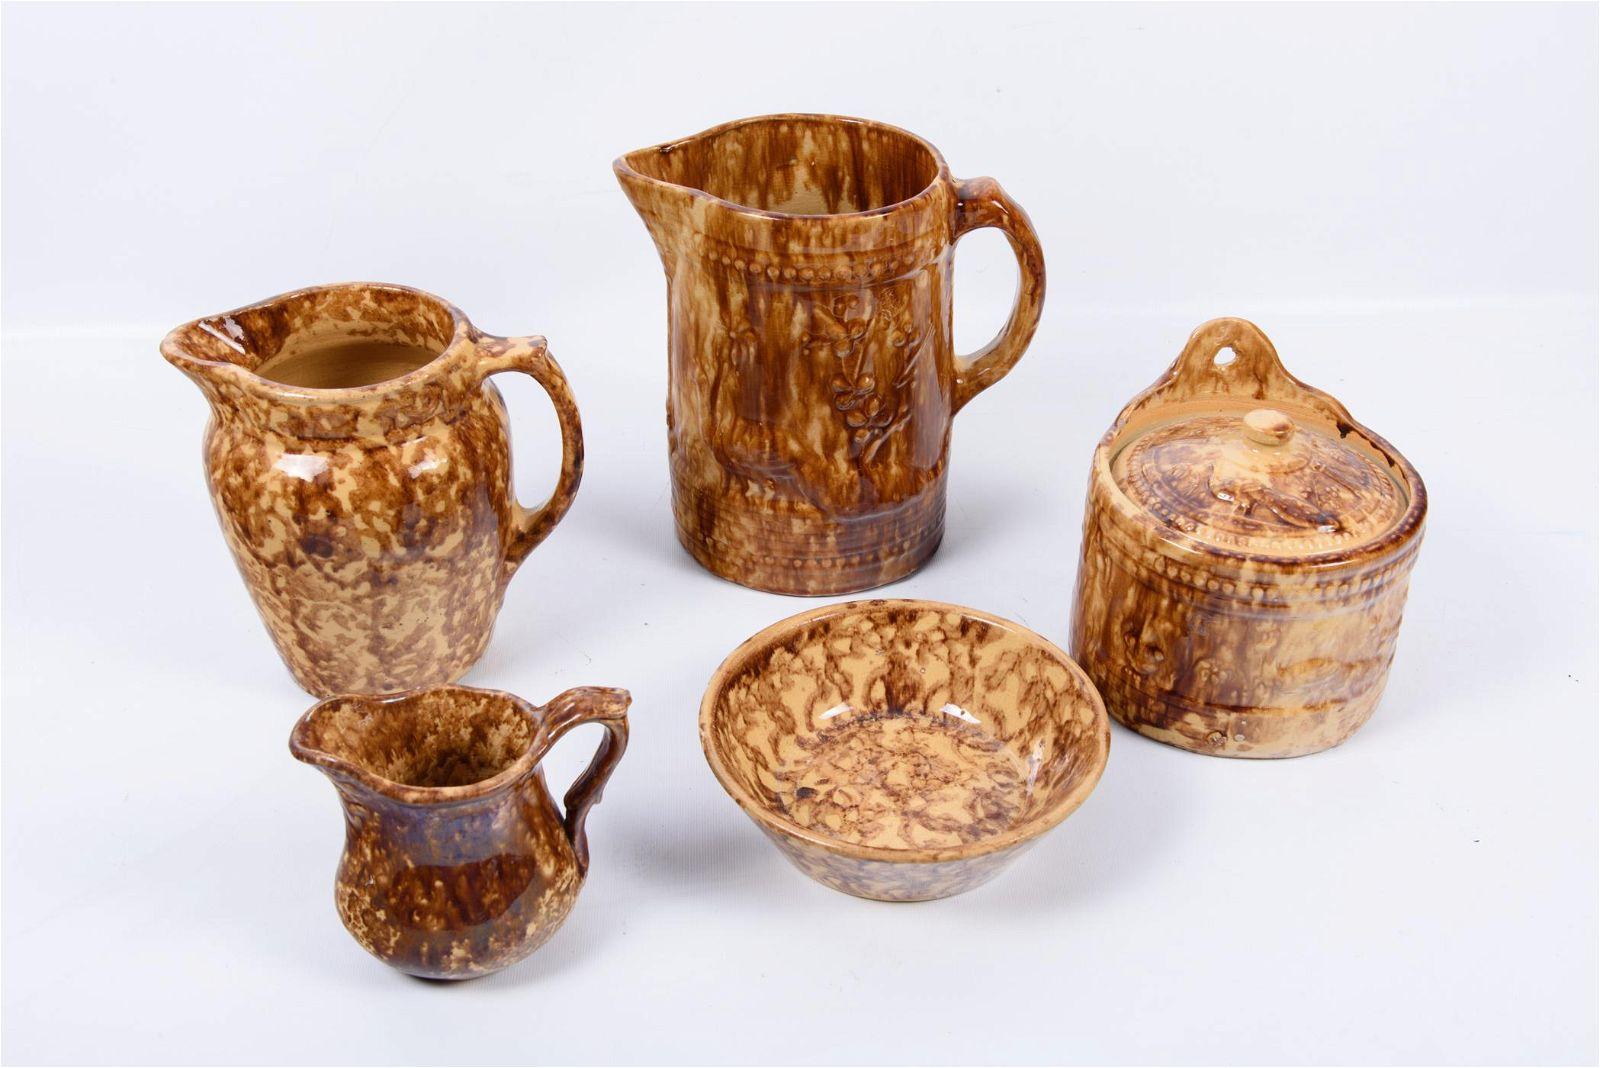 Brown Spongeware Group 5 Pieces